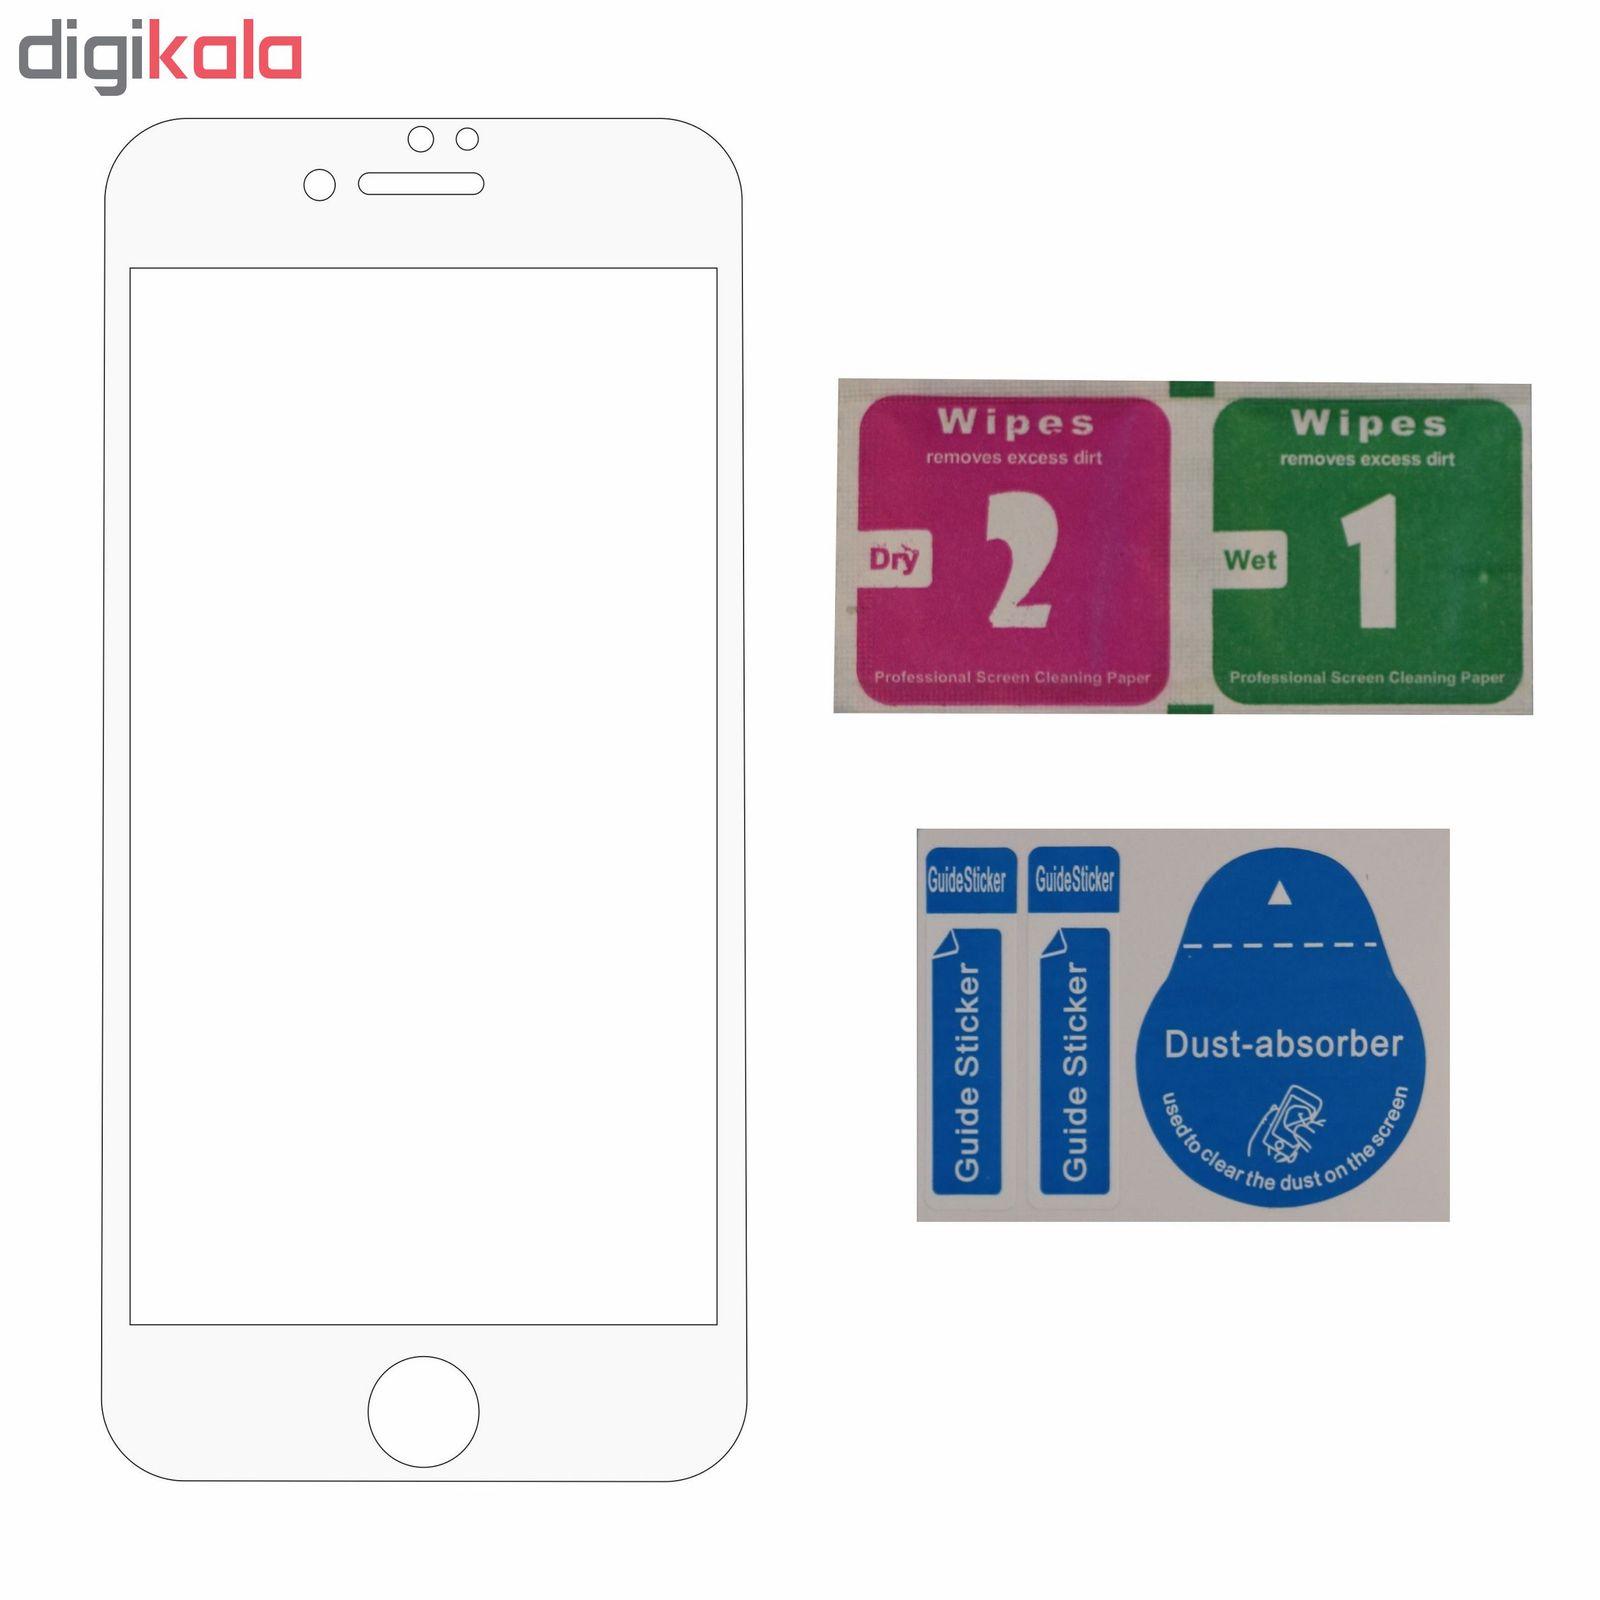 محافظ صفحه نمایش 5D مدل iPG8P01 مناسب  برای گوشی موبایل اپل IPhone 7 plus/8 plus  main 1 5